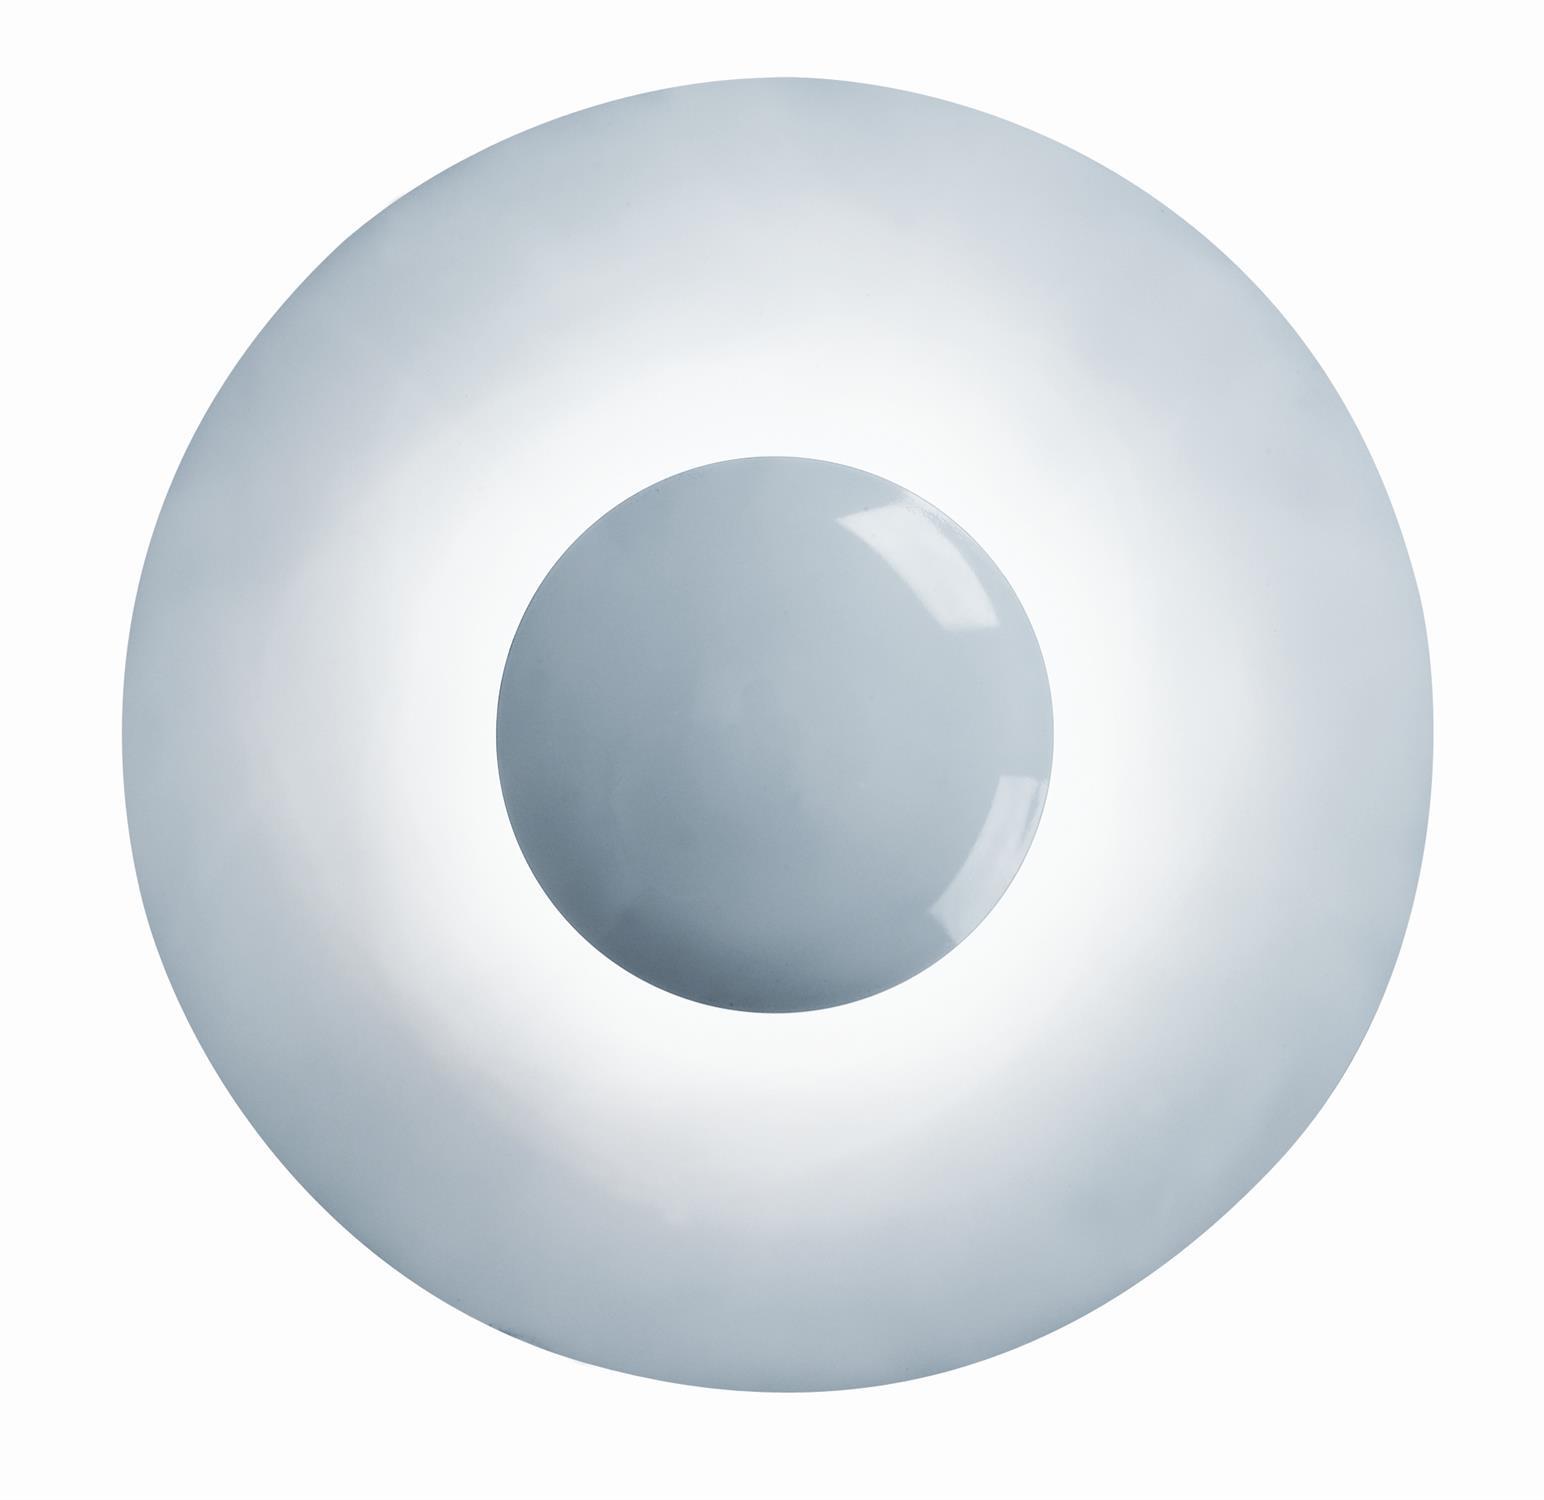 Πλαφονιέρα 6φωτη λευκή 20cm Zambelis Lights 13110